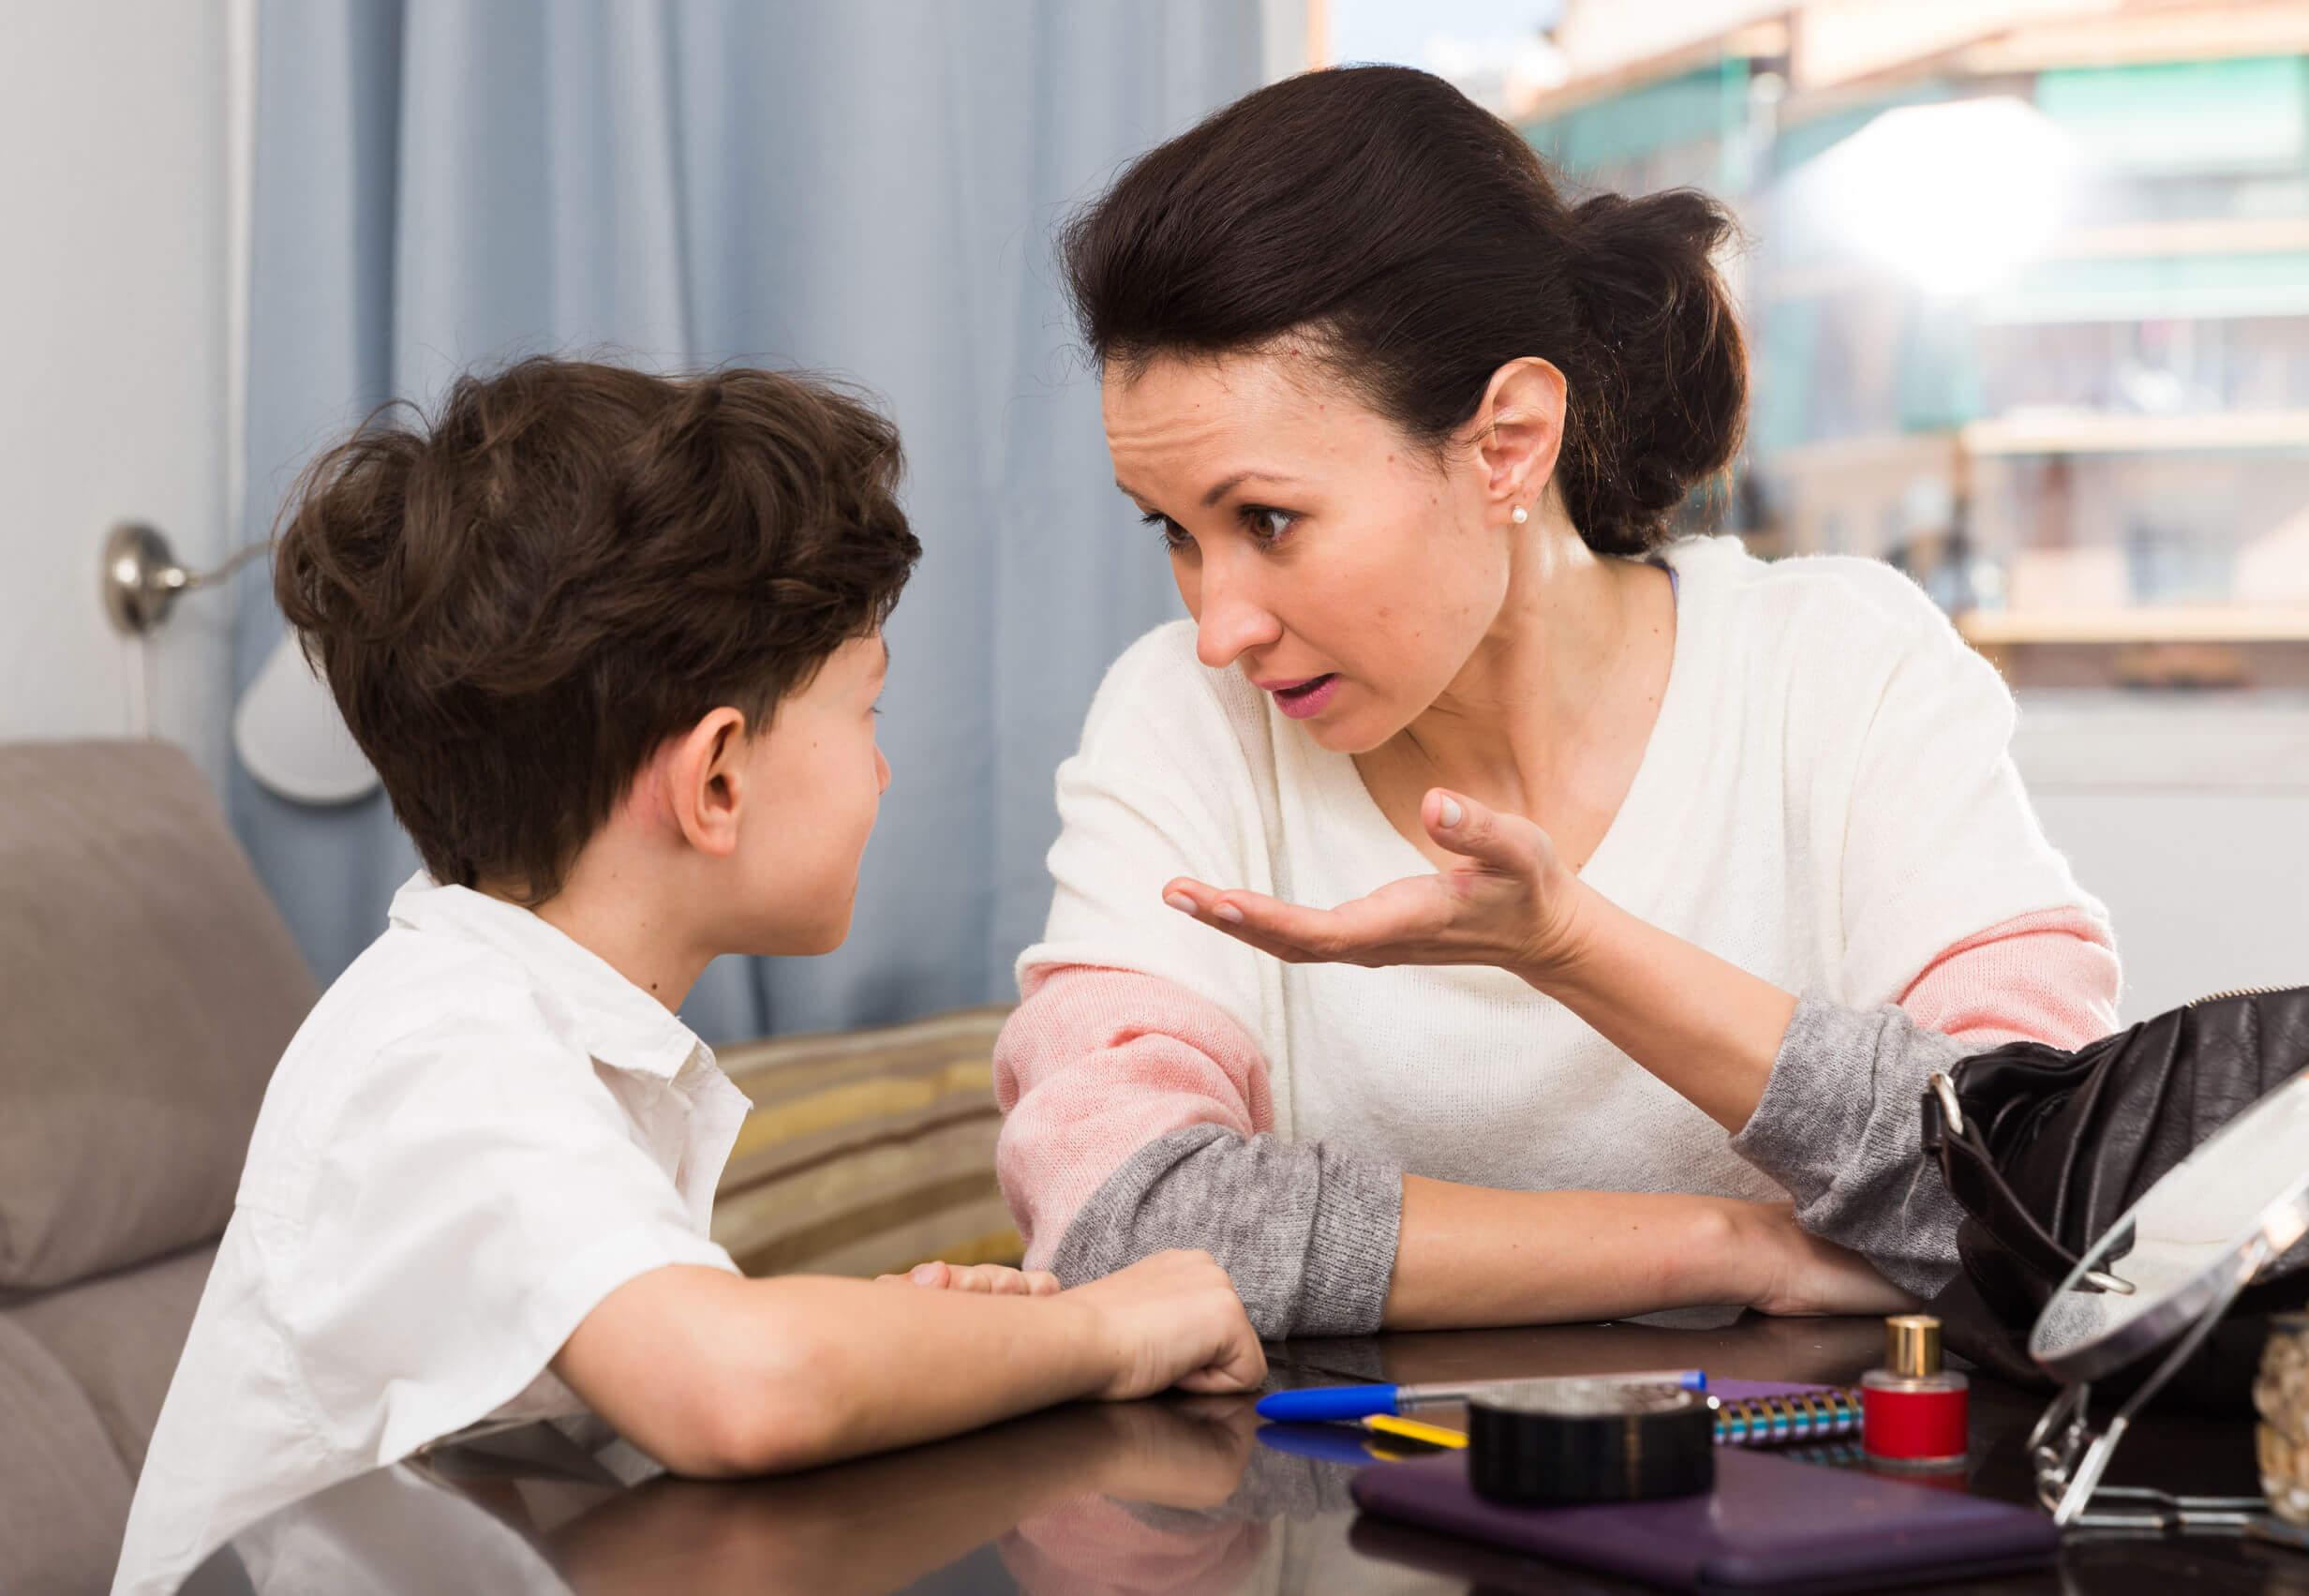 Madre hablando con su hijo para enseñarle cuando tiene que parar de hablar.